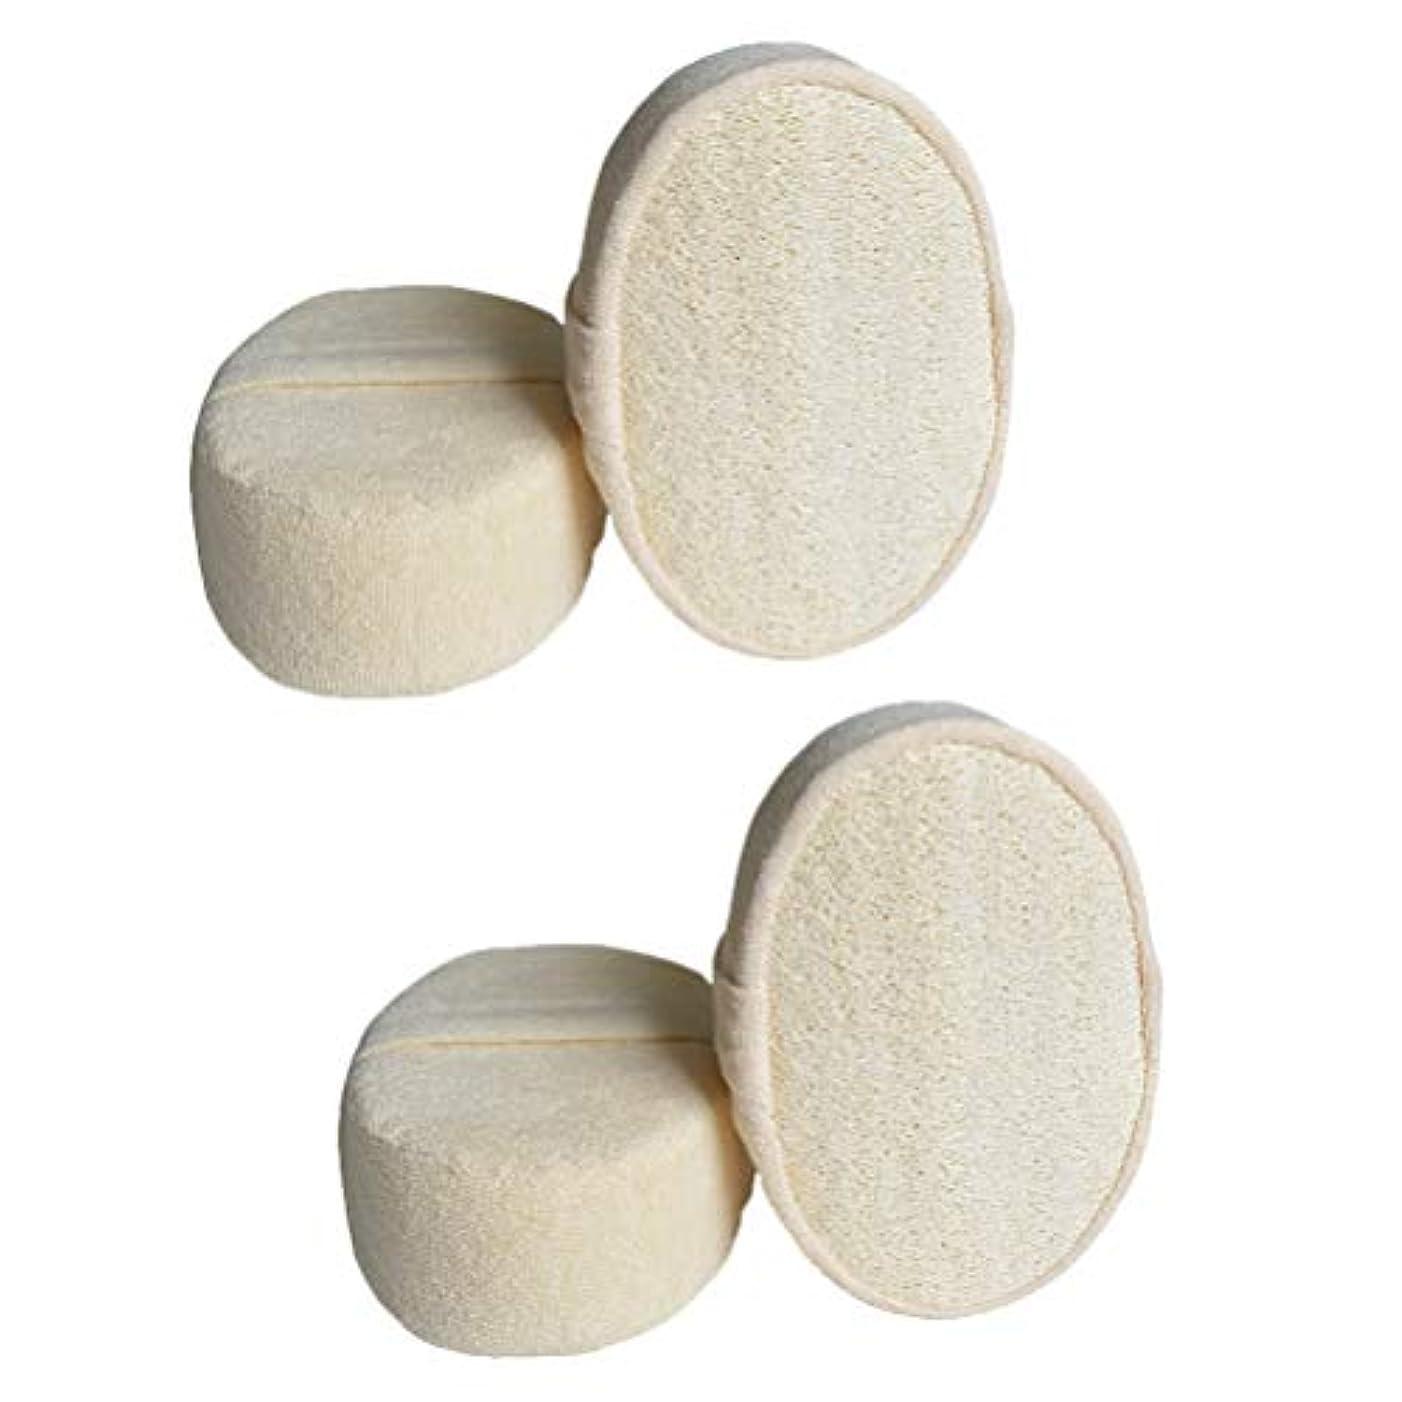 資格情報嫌悪グローブHealifty 4ピース剥離剥離剤パッドloofaスポンジスクラバーブラシ用風呂スパシャワー